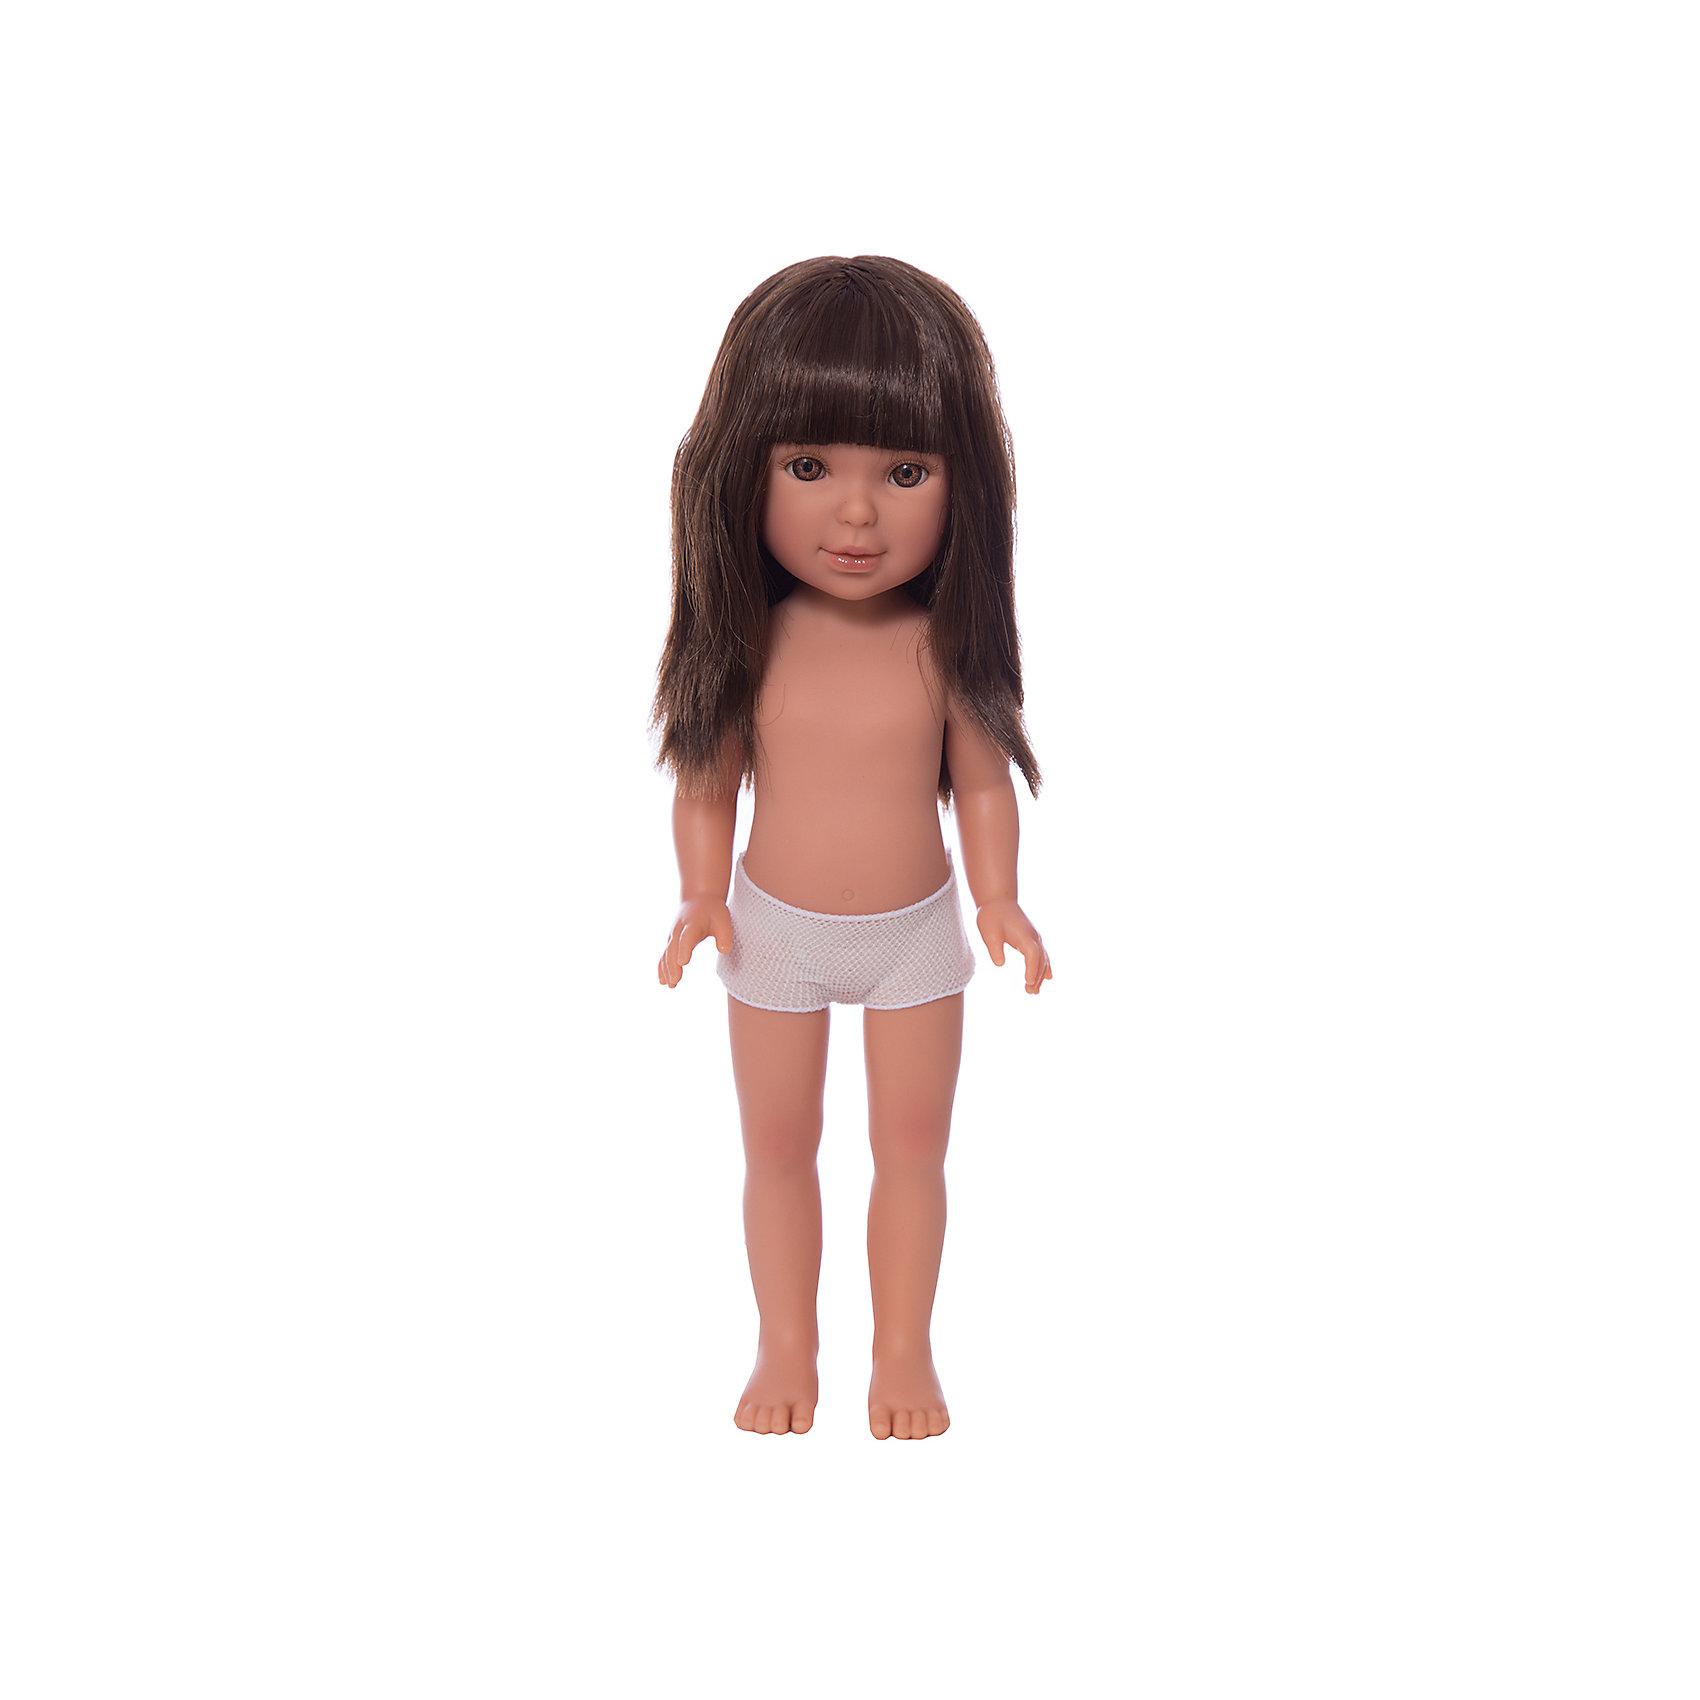 Кукла Паулина, брюнетка с челкой, Vestida de AzulКлассические куклы<br>Характеристики товара:<br><br>• возраст: от 3 лет;<br>• материал: винил;<br>• в комплекте: кукла;<br>• высота куклы: 33 см;<br>• размер упаковки: 35х14х7 см;<br>• вес упаковки: 370 гр.;<br>• страна производитель: Испания.<br><br>Кукла Паулина брюнетка с челкой Vestida de Azul станет отличным подарком для девочки, которая любит наряжать куколок и придумывать им стильные образы. У Паулины милое личико с большими живыми глазками, длинными ресницами и щечками с легким румянцем. Густые темные волосы с челкой очень похожи на натуральные. Девочка сможет расчесывать их, укладывать, заплетать, придумывая кукле разнообразные прически. У куклы подвижные руки, ноги и голова.<br><br>Куклу Паулину брюнетка с челкой Vestida de Azul можно приобрести в нашем интернет-магазине.<br><br>Ширина мм: 350<br>Глубина мм: 120<br>Высота мм: 80<br>Вес г: 700<br>Возраст от месяцев: 36<br>Возраст до месяцев: 2147483647<br>Пол: Женский<br>Возраст: Детский<br>SKU: 6844311